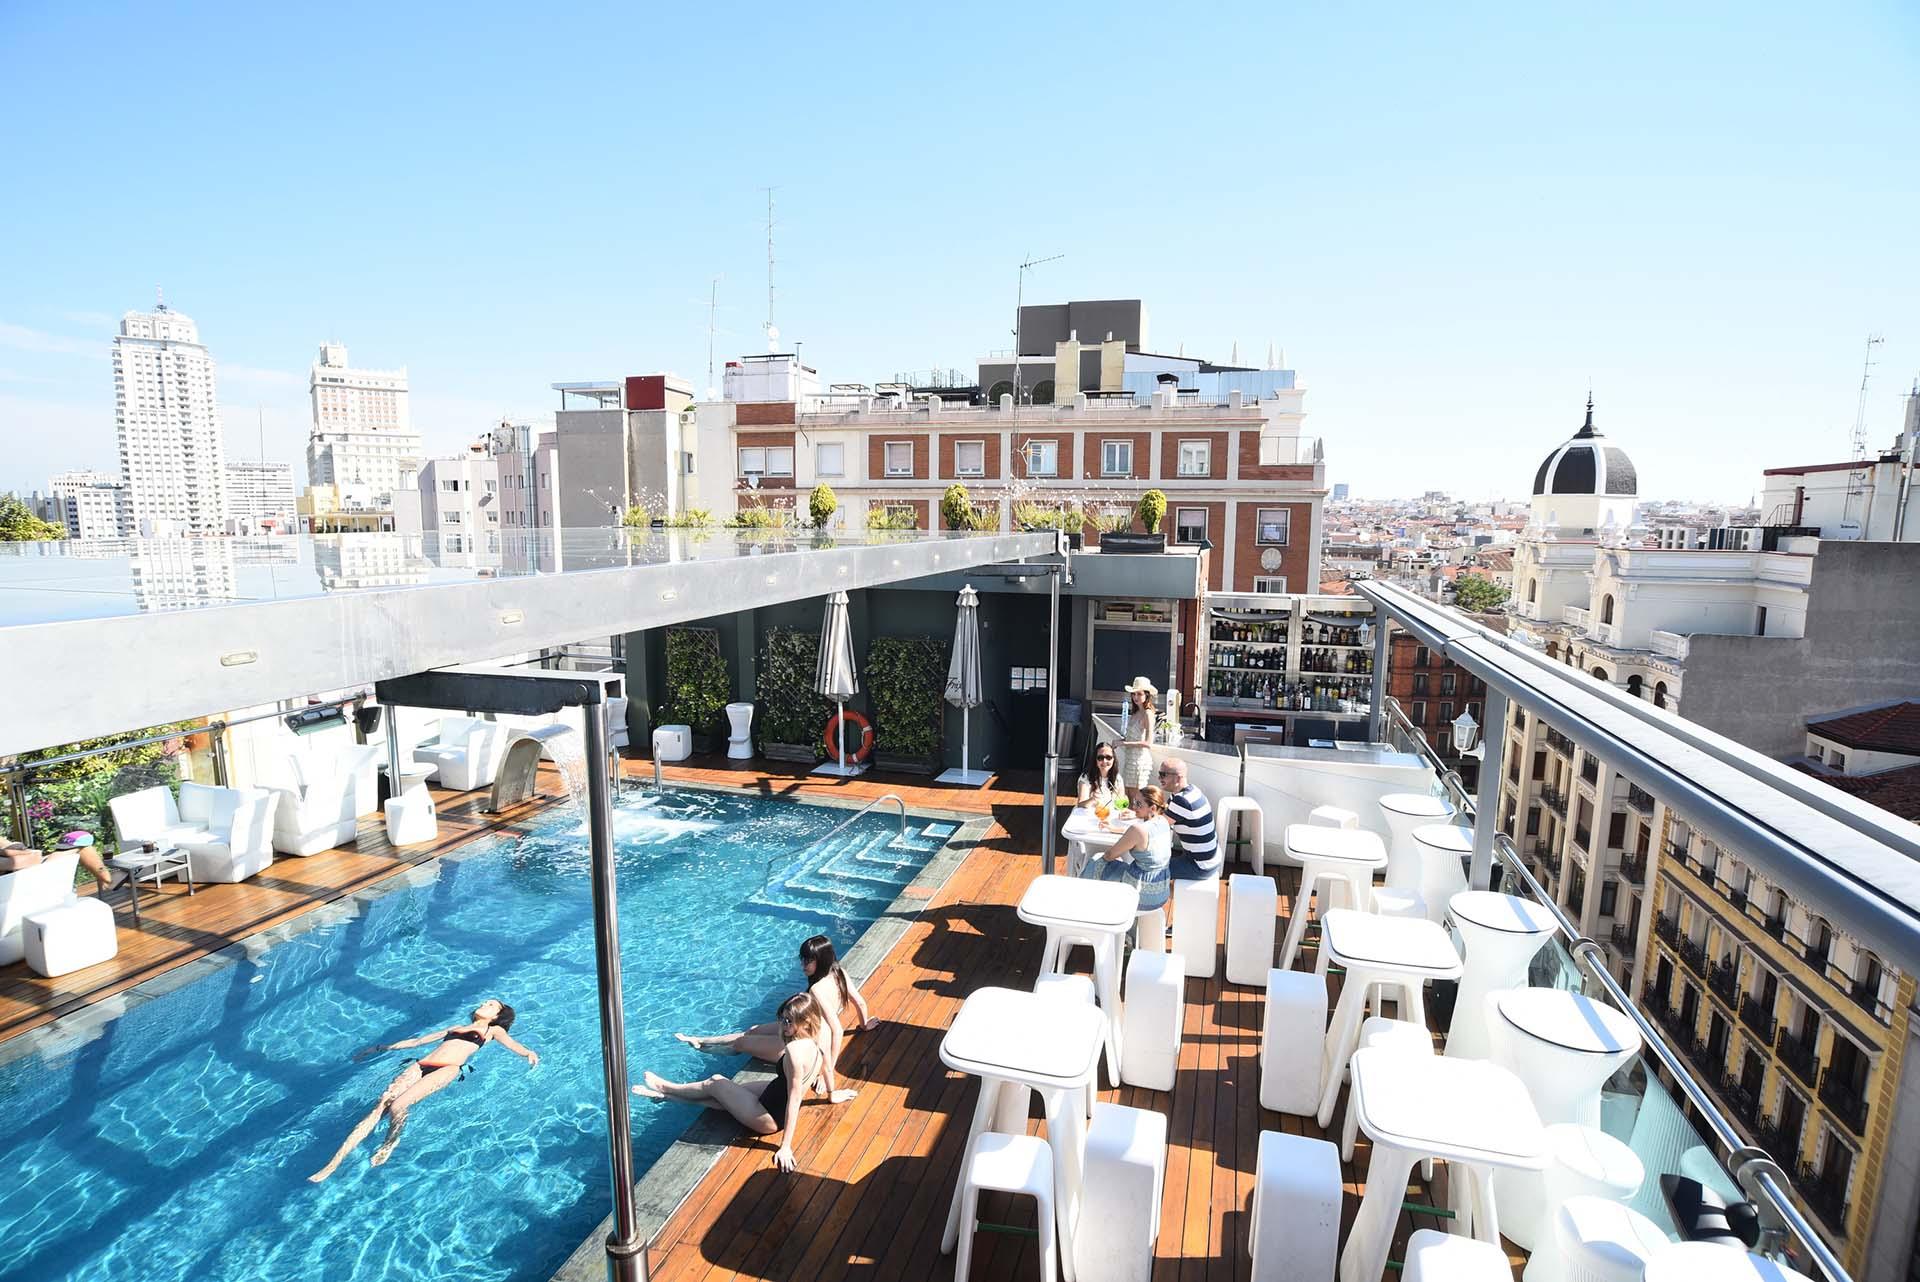 Terrazas con piscinas en Madrid, la capital a tus pies